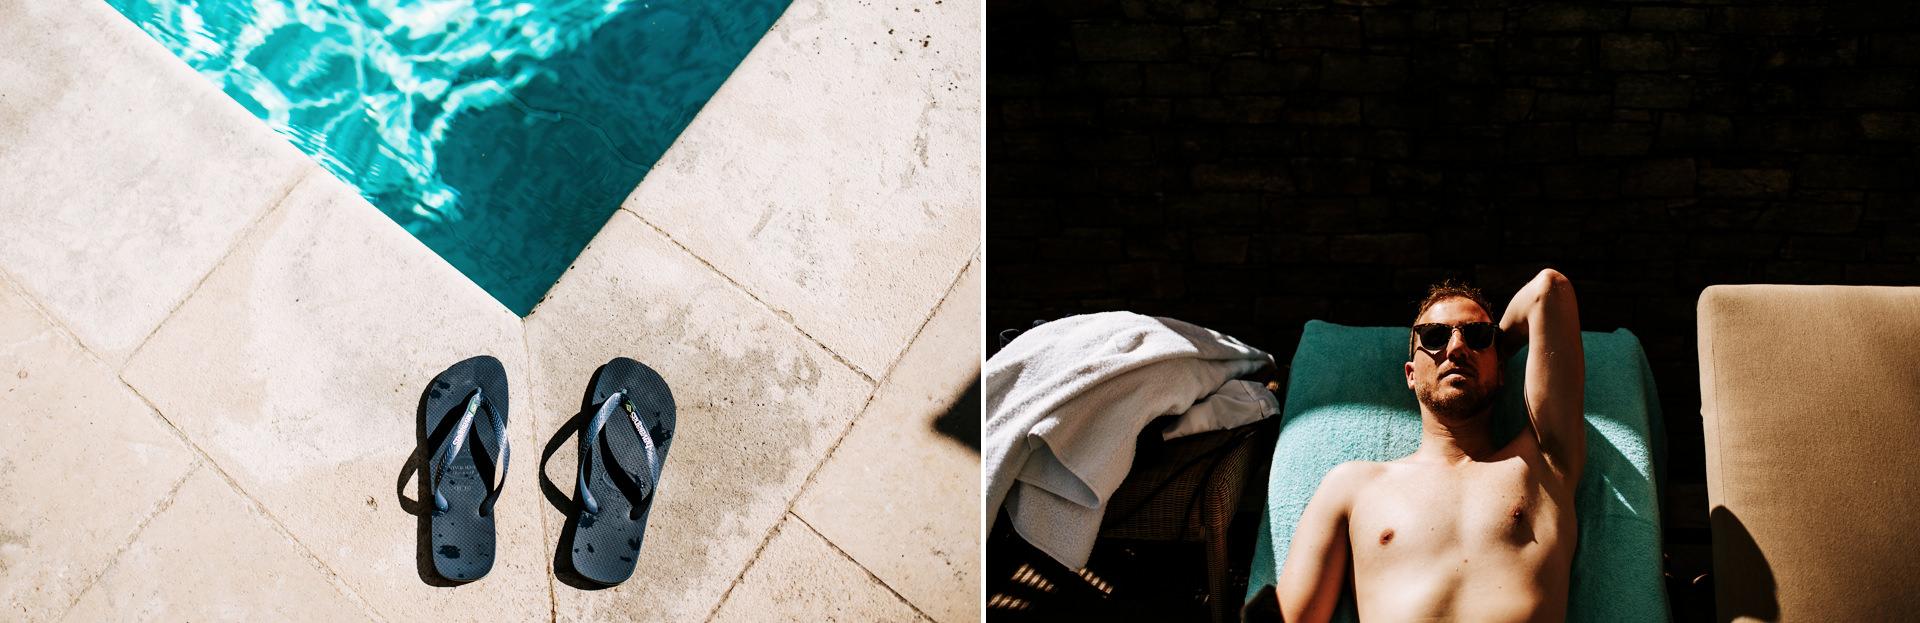 Evian-les-bains France Wedding Photographer